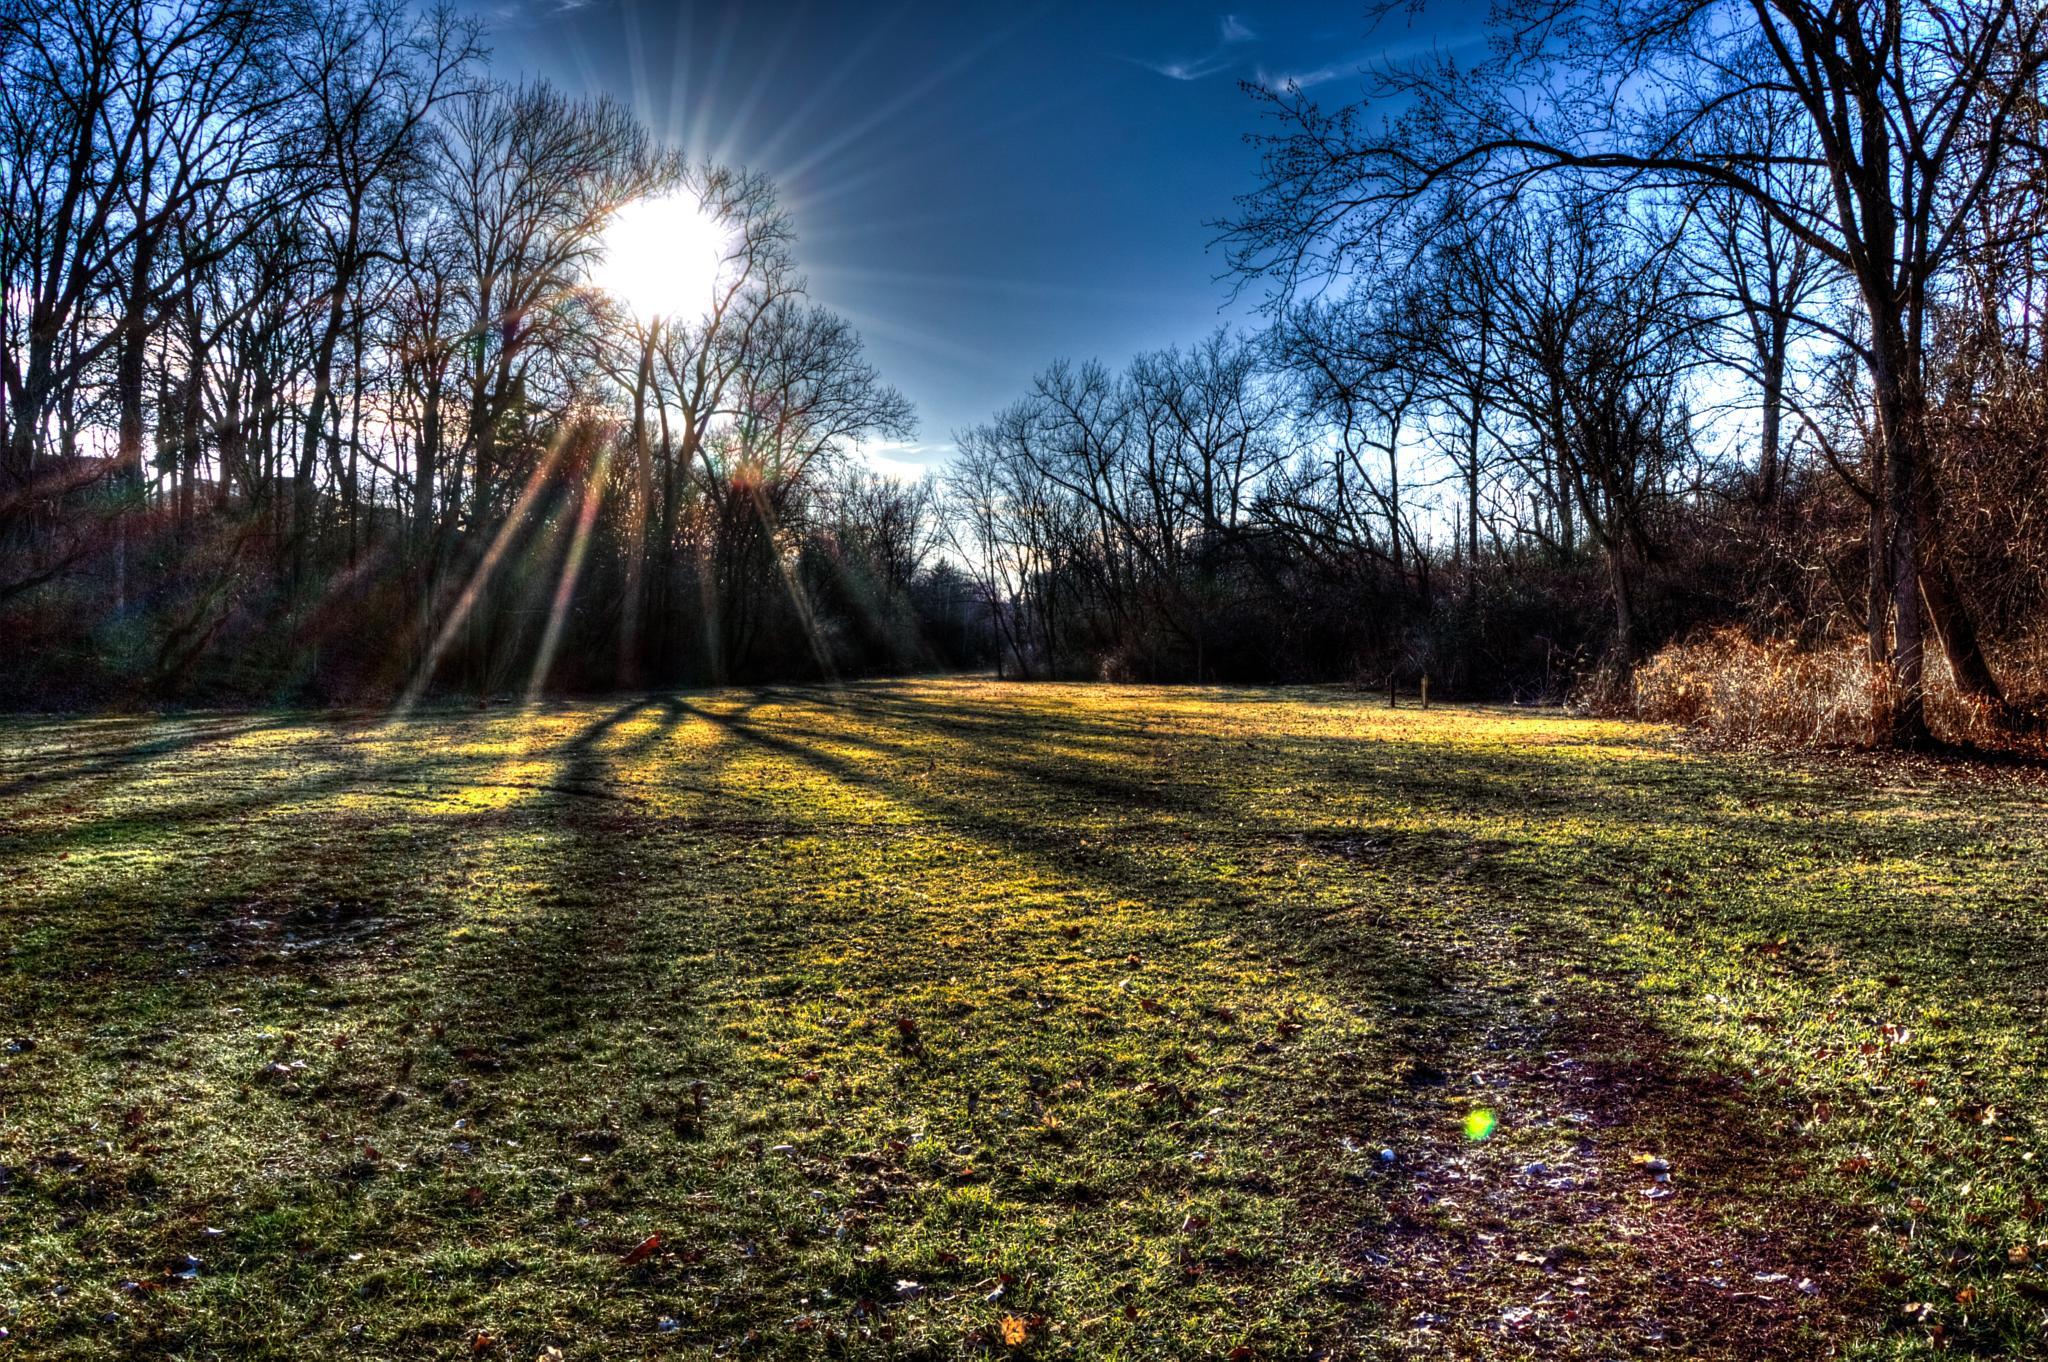 Park Field by montyspapa